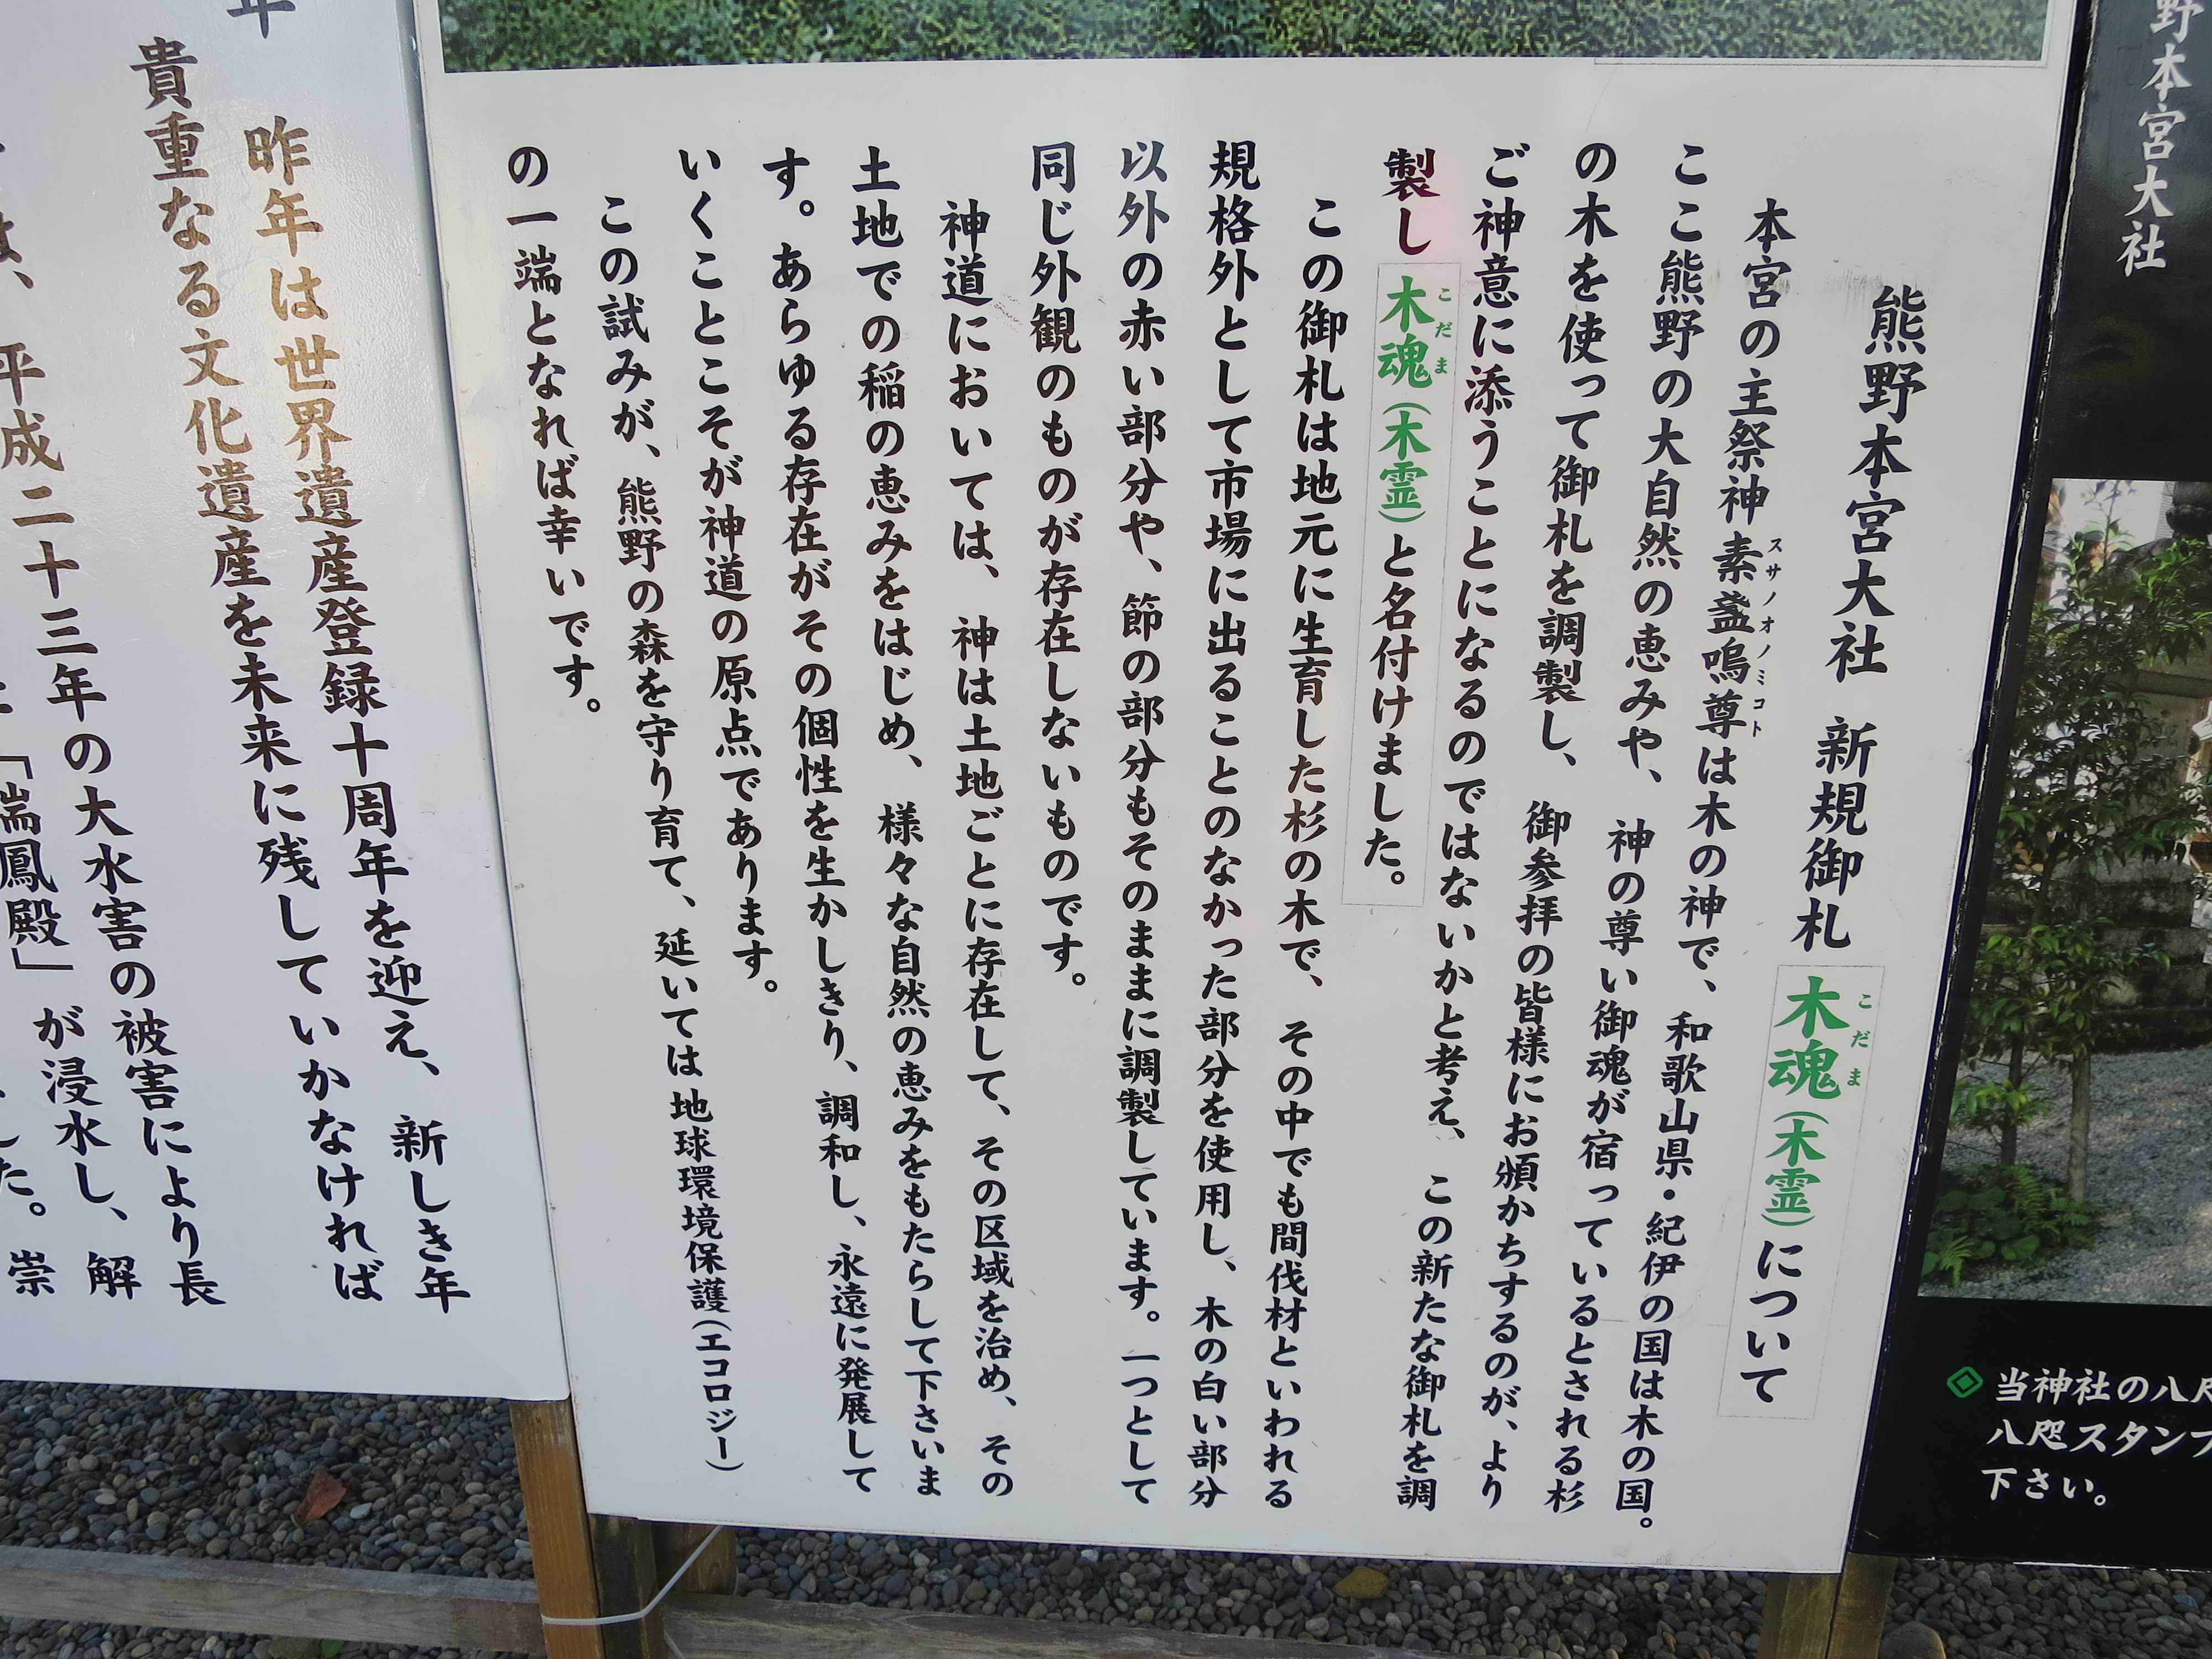 熊野本宮大社御札 新規御札 木魂(木霊/こだま)について